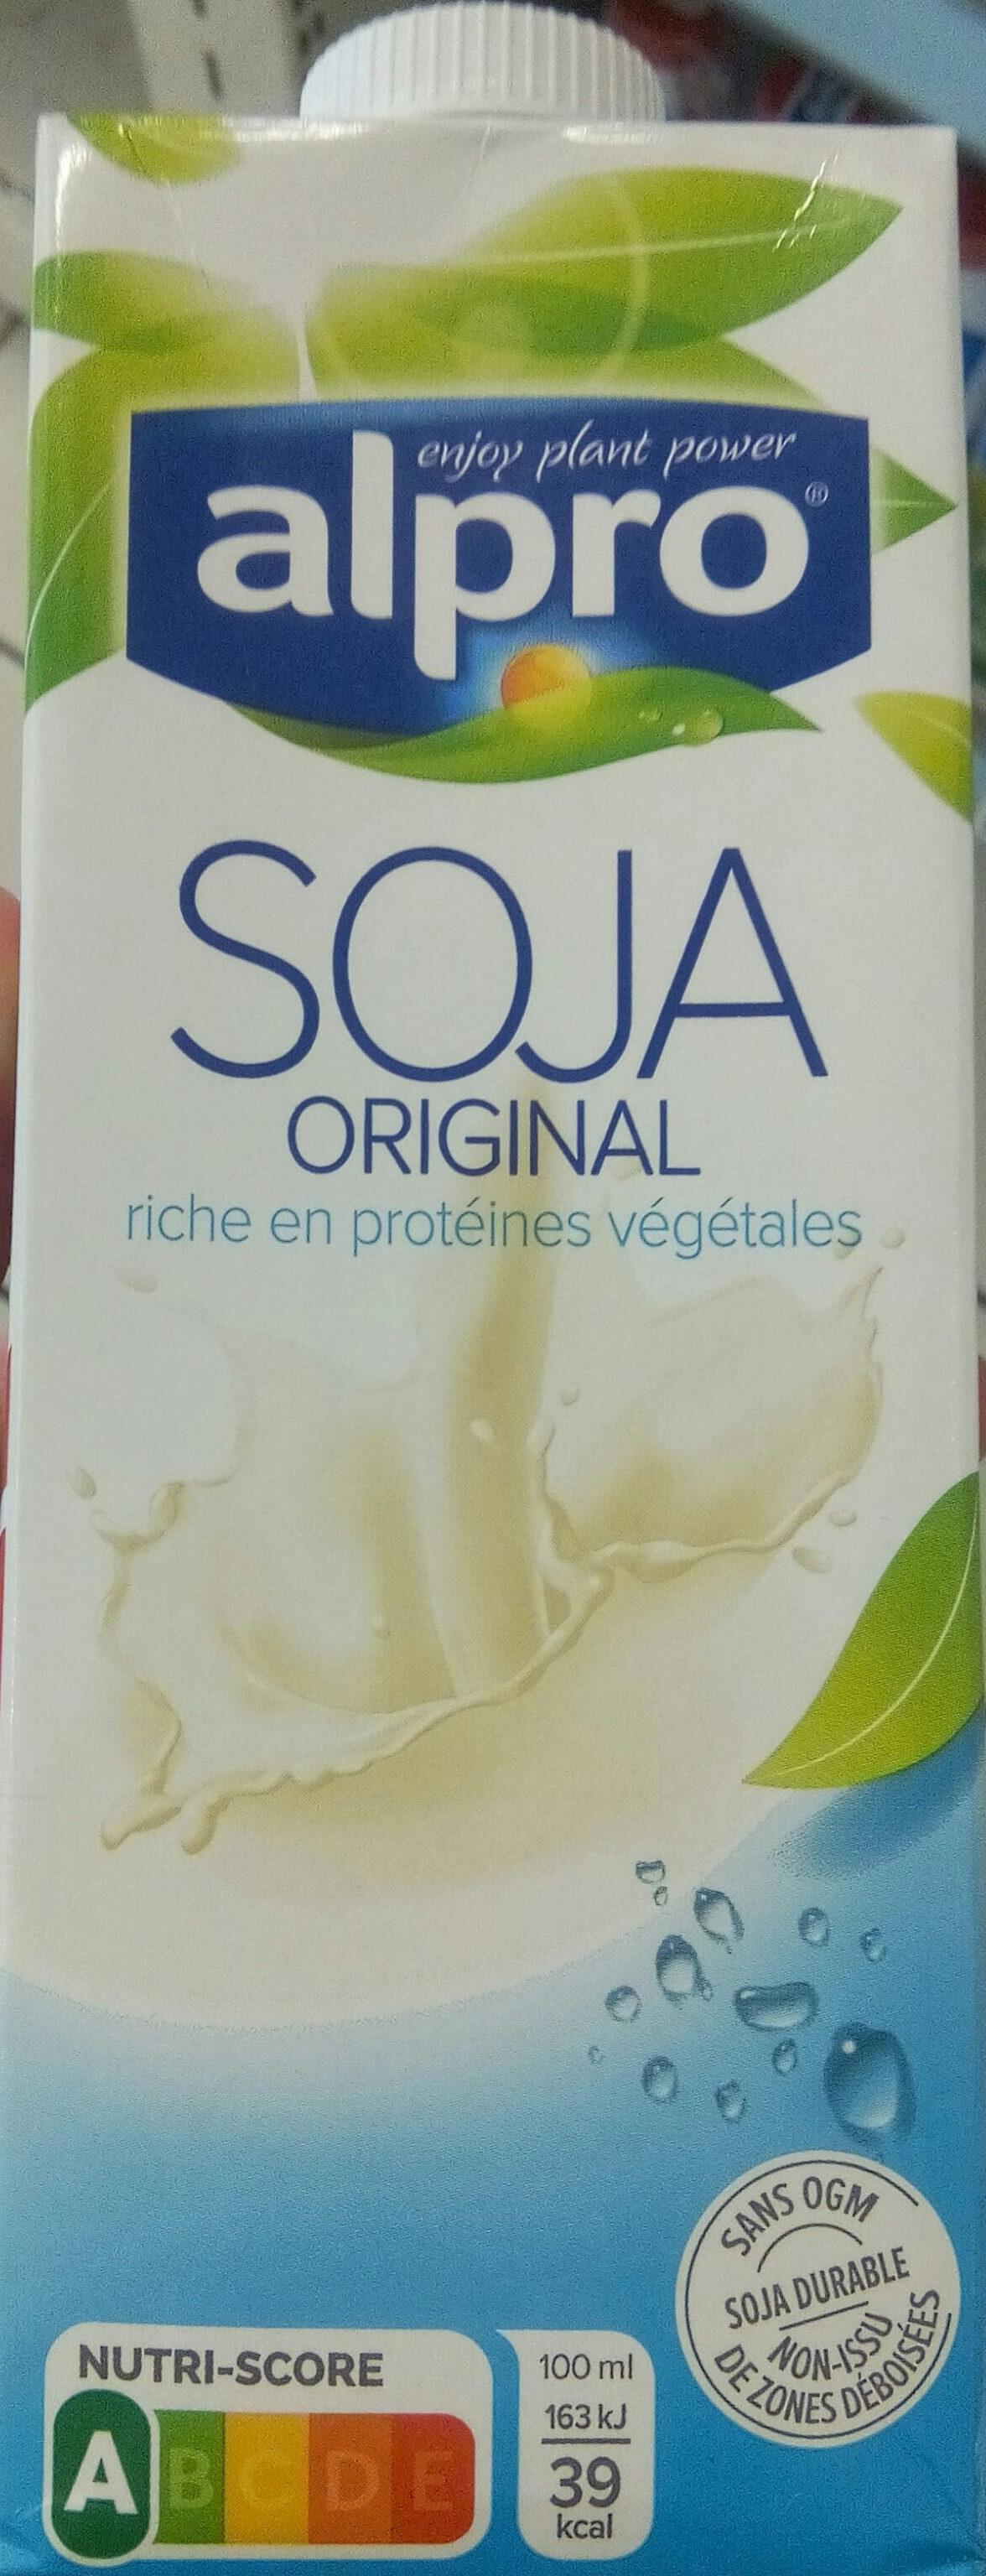 Soja original saveur douce - Product